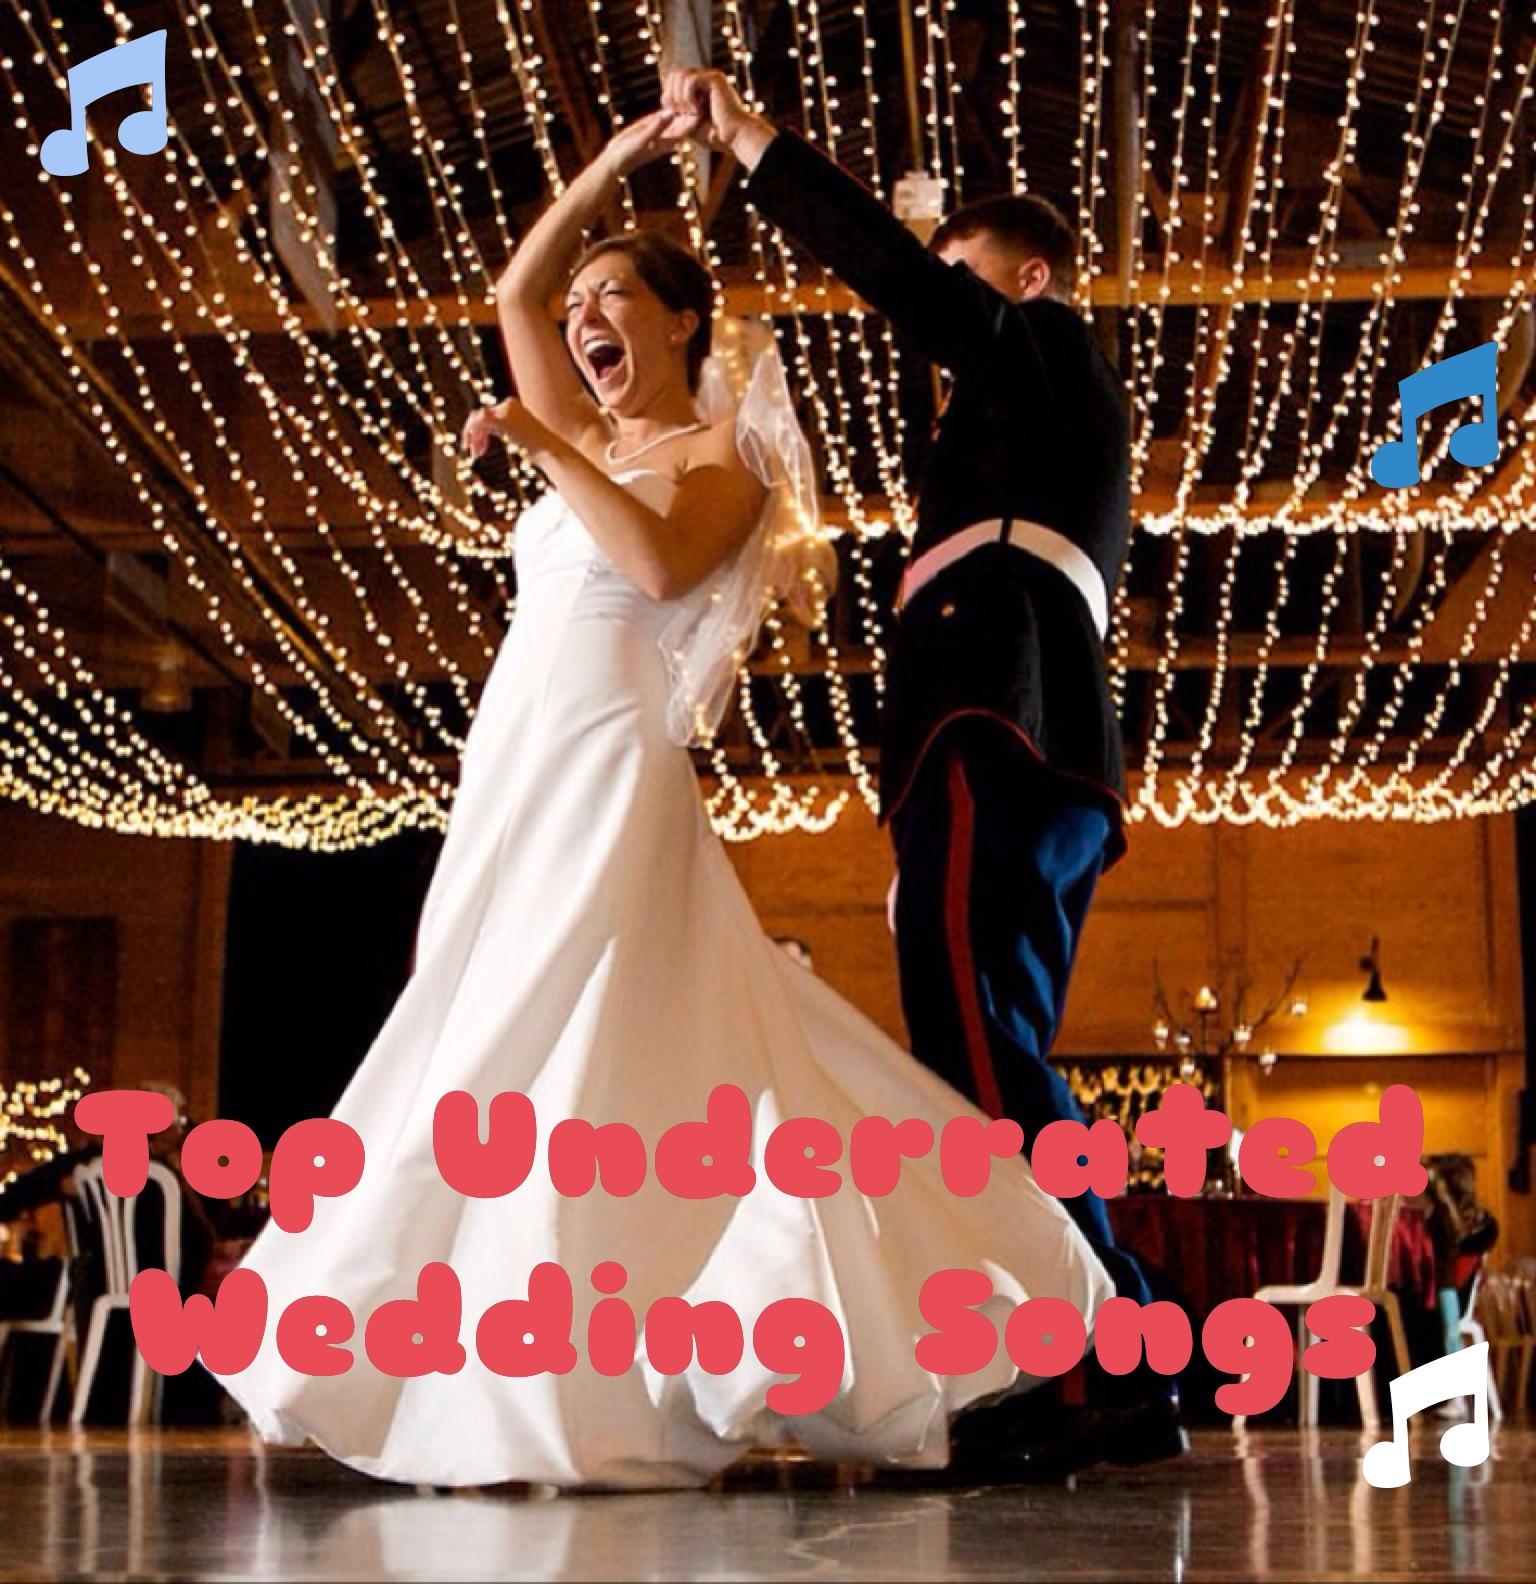 Weddings At Wilderness Ridge Top Underrated Wedding Songs